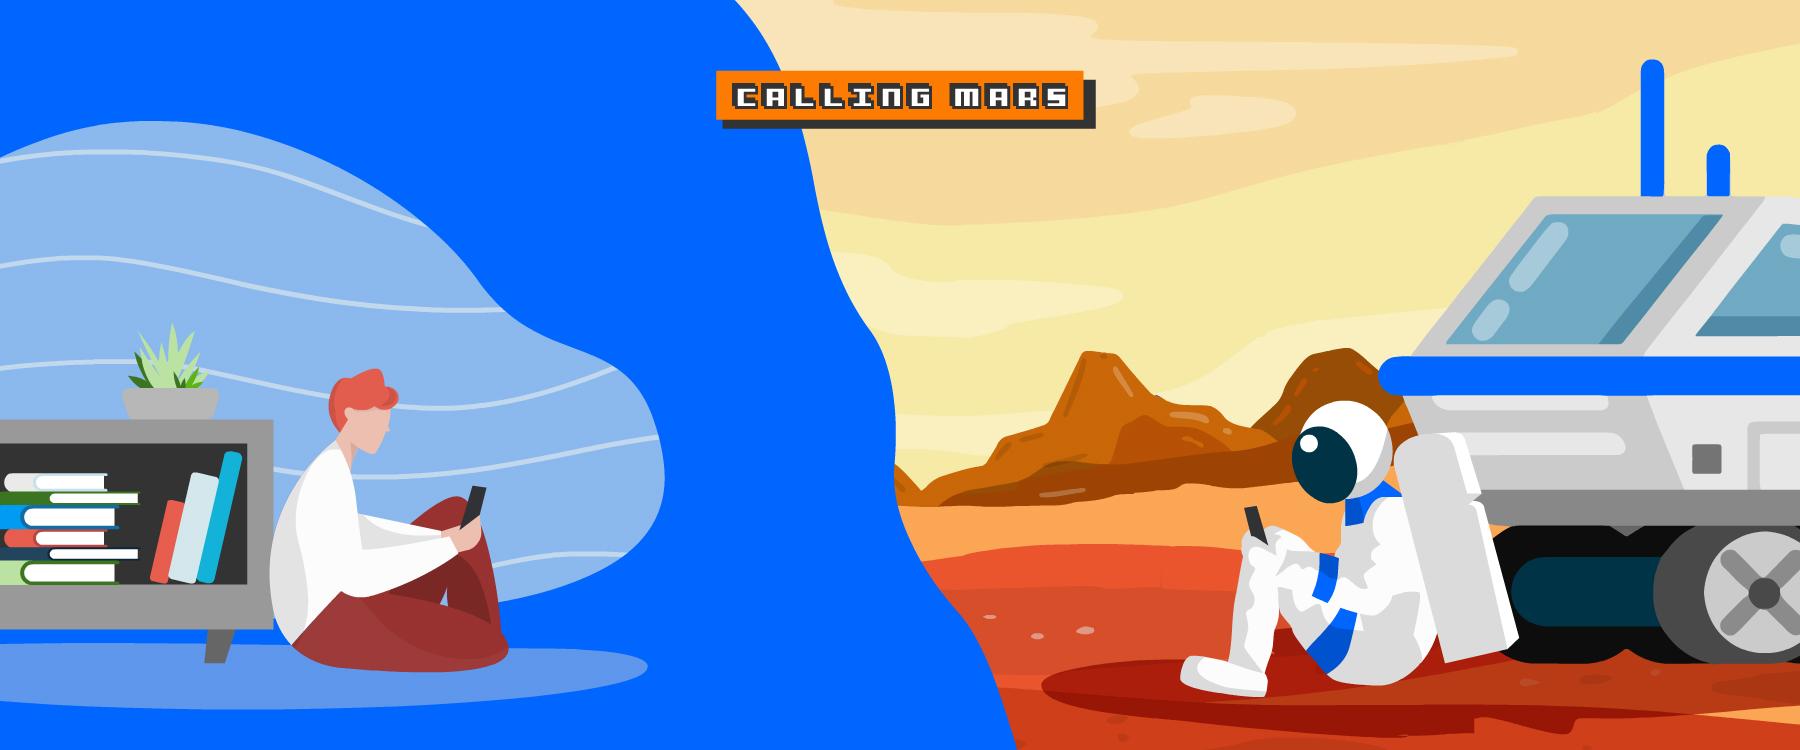 Tierra llamando a Marte: así funcionan las comunicaciones en la conquista espacial